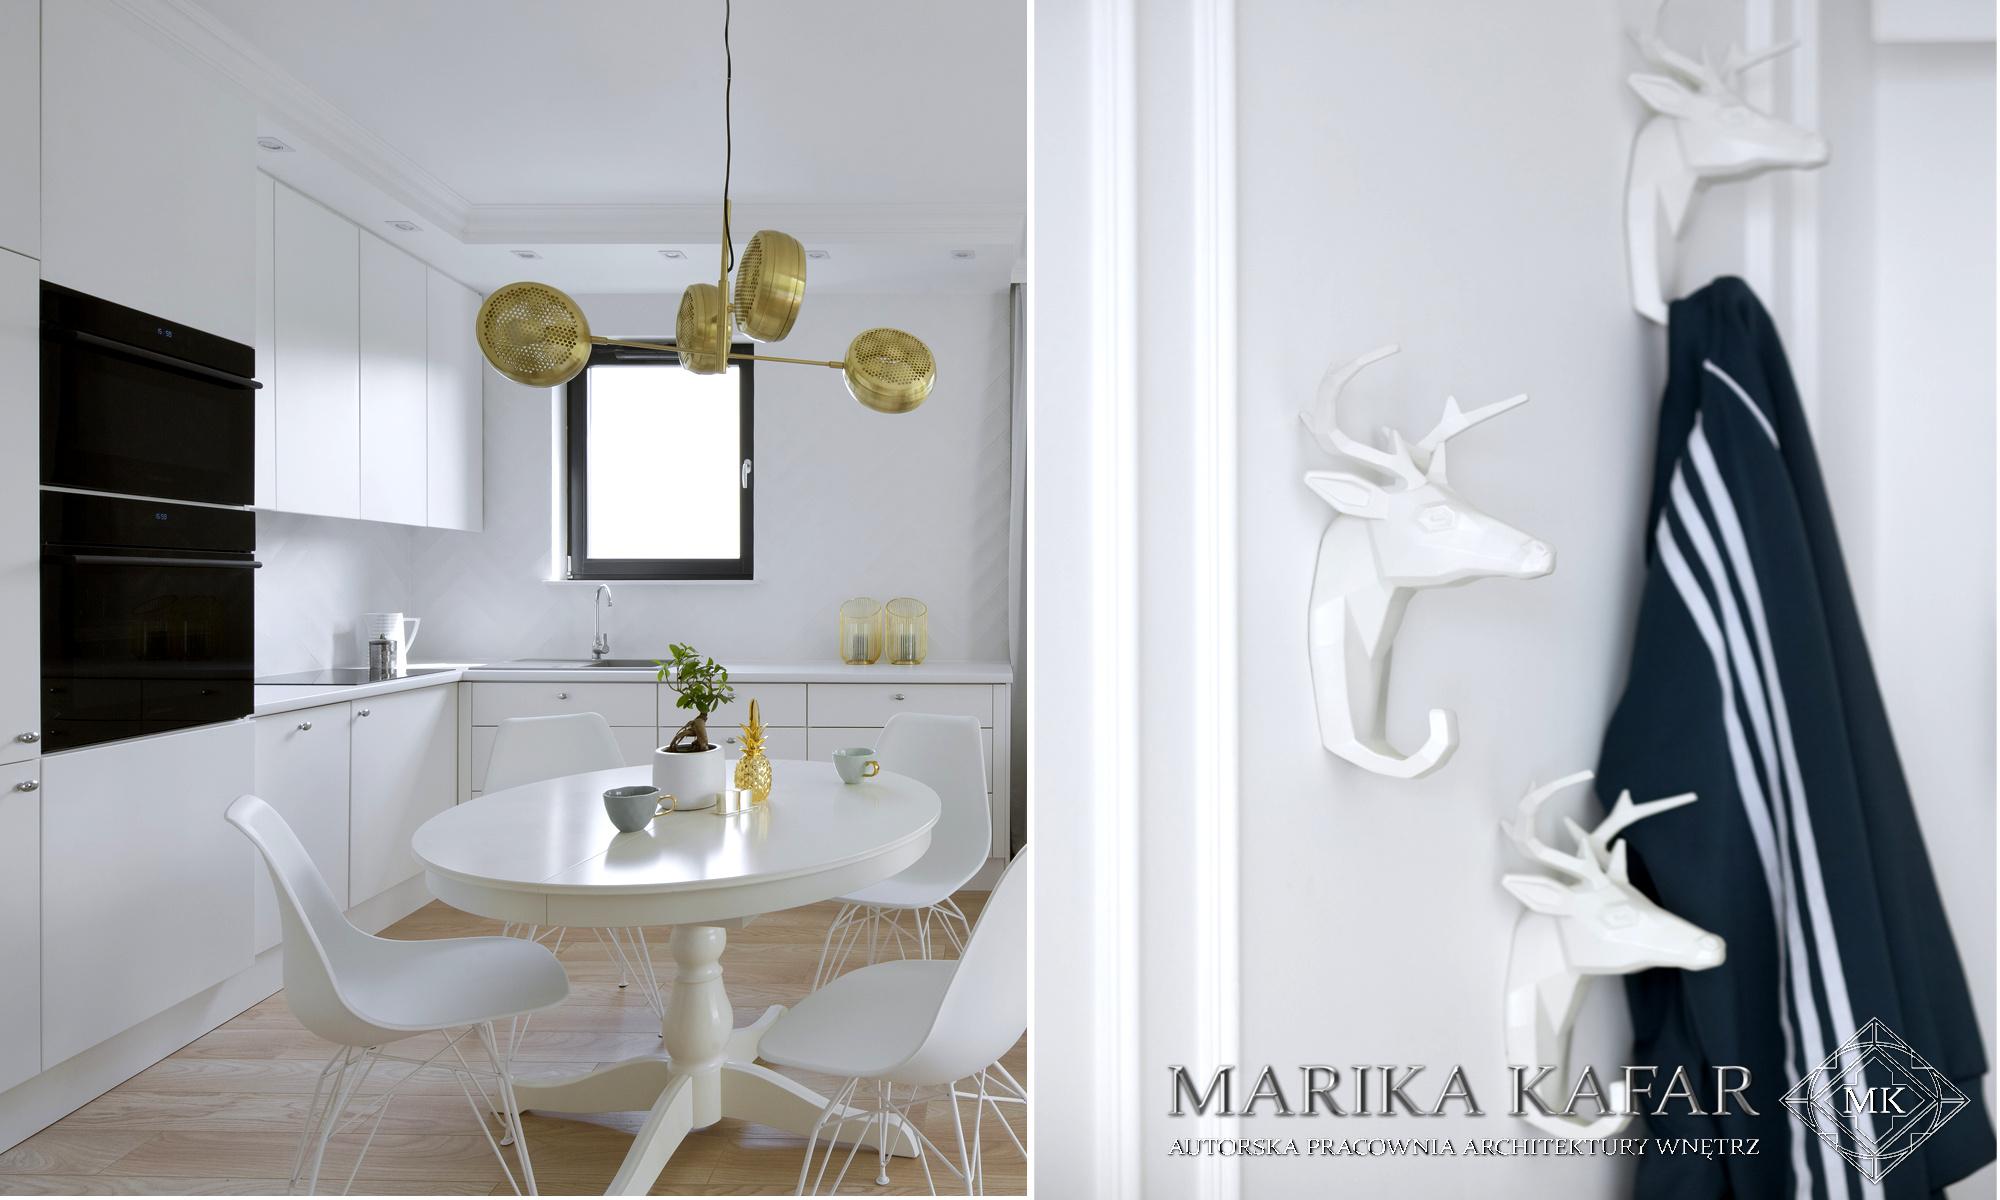 Marika Kafar. Złota designerska lampa.